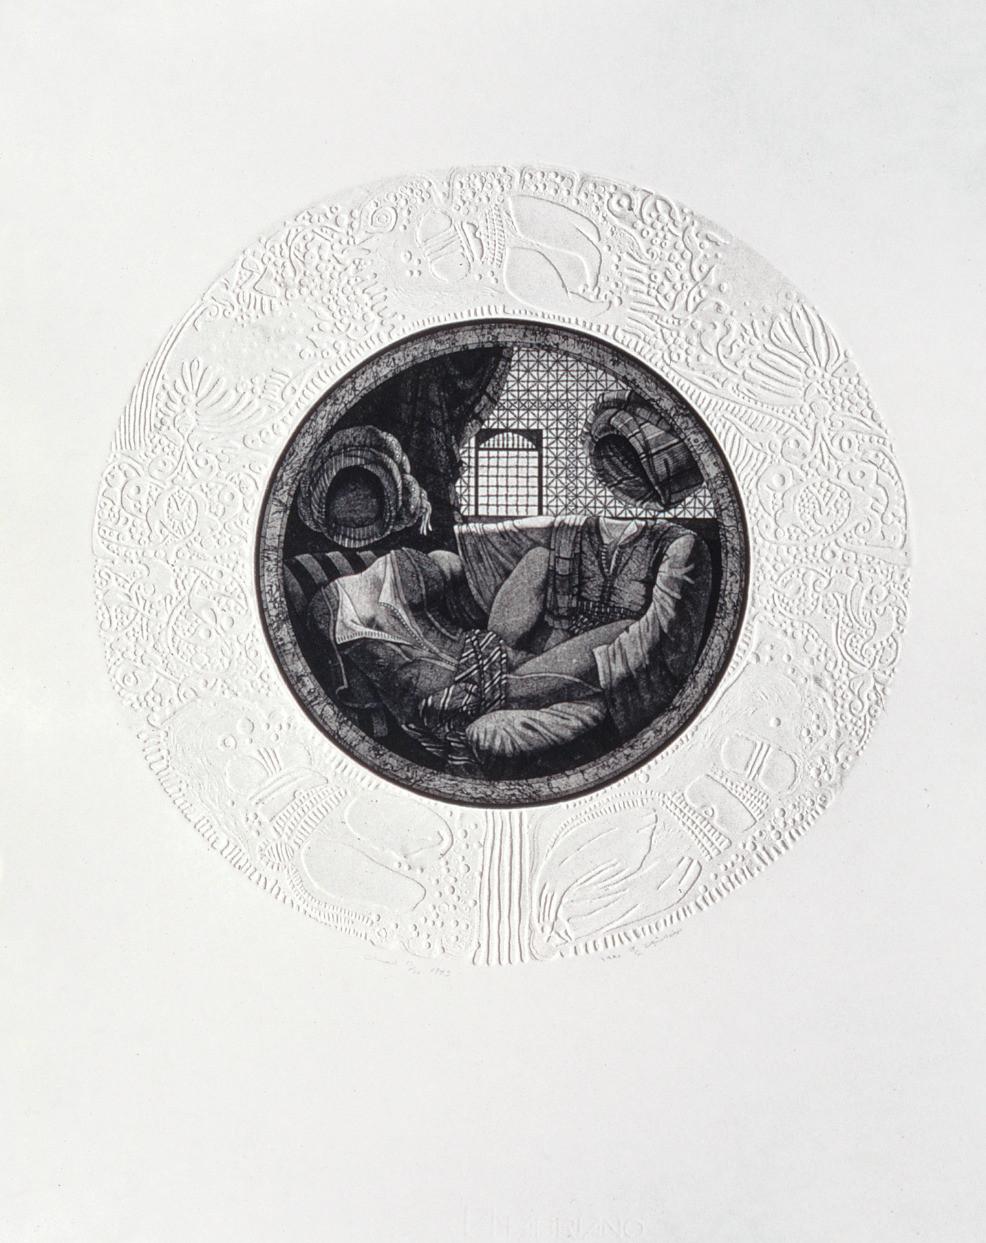 Awad Al Shimi, Odalisque n° 3, gravure à l'aquatinte sur zinc, 65 x 50 cm, Institut du Monde Arabe